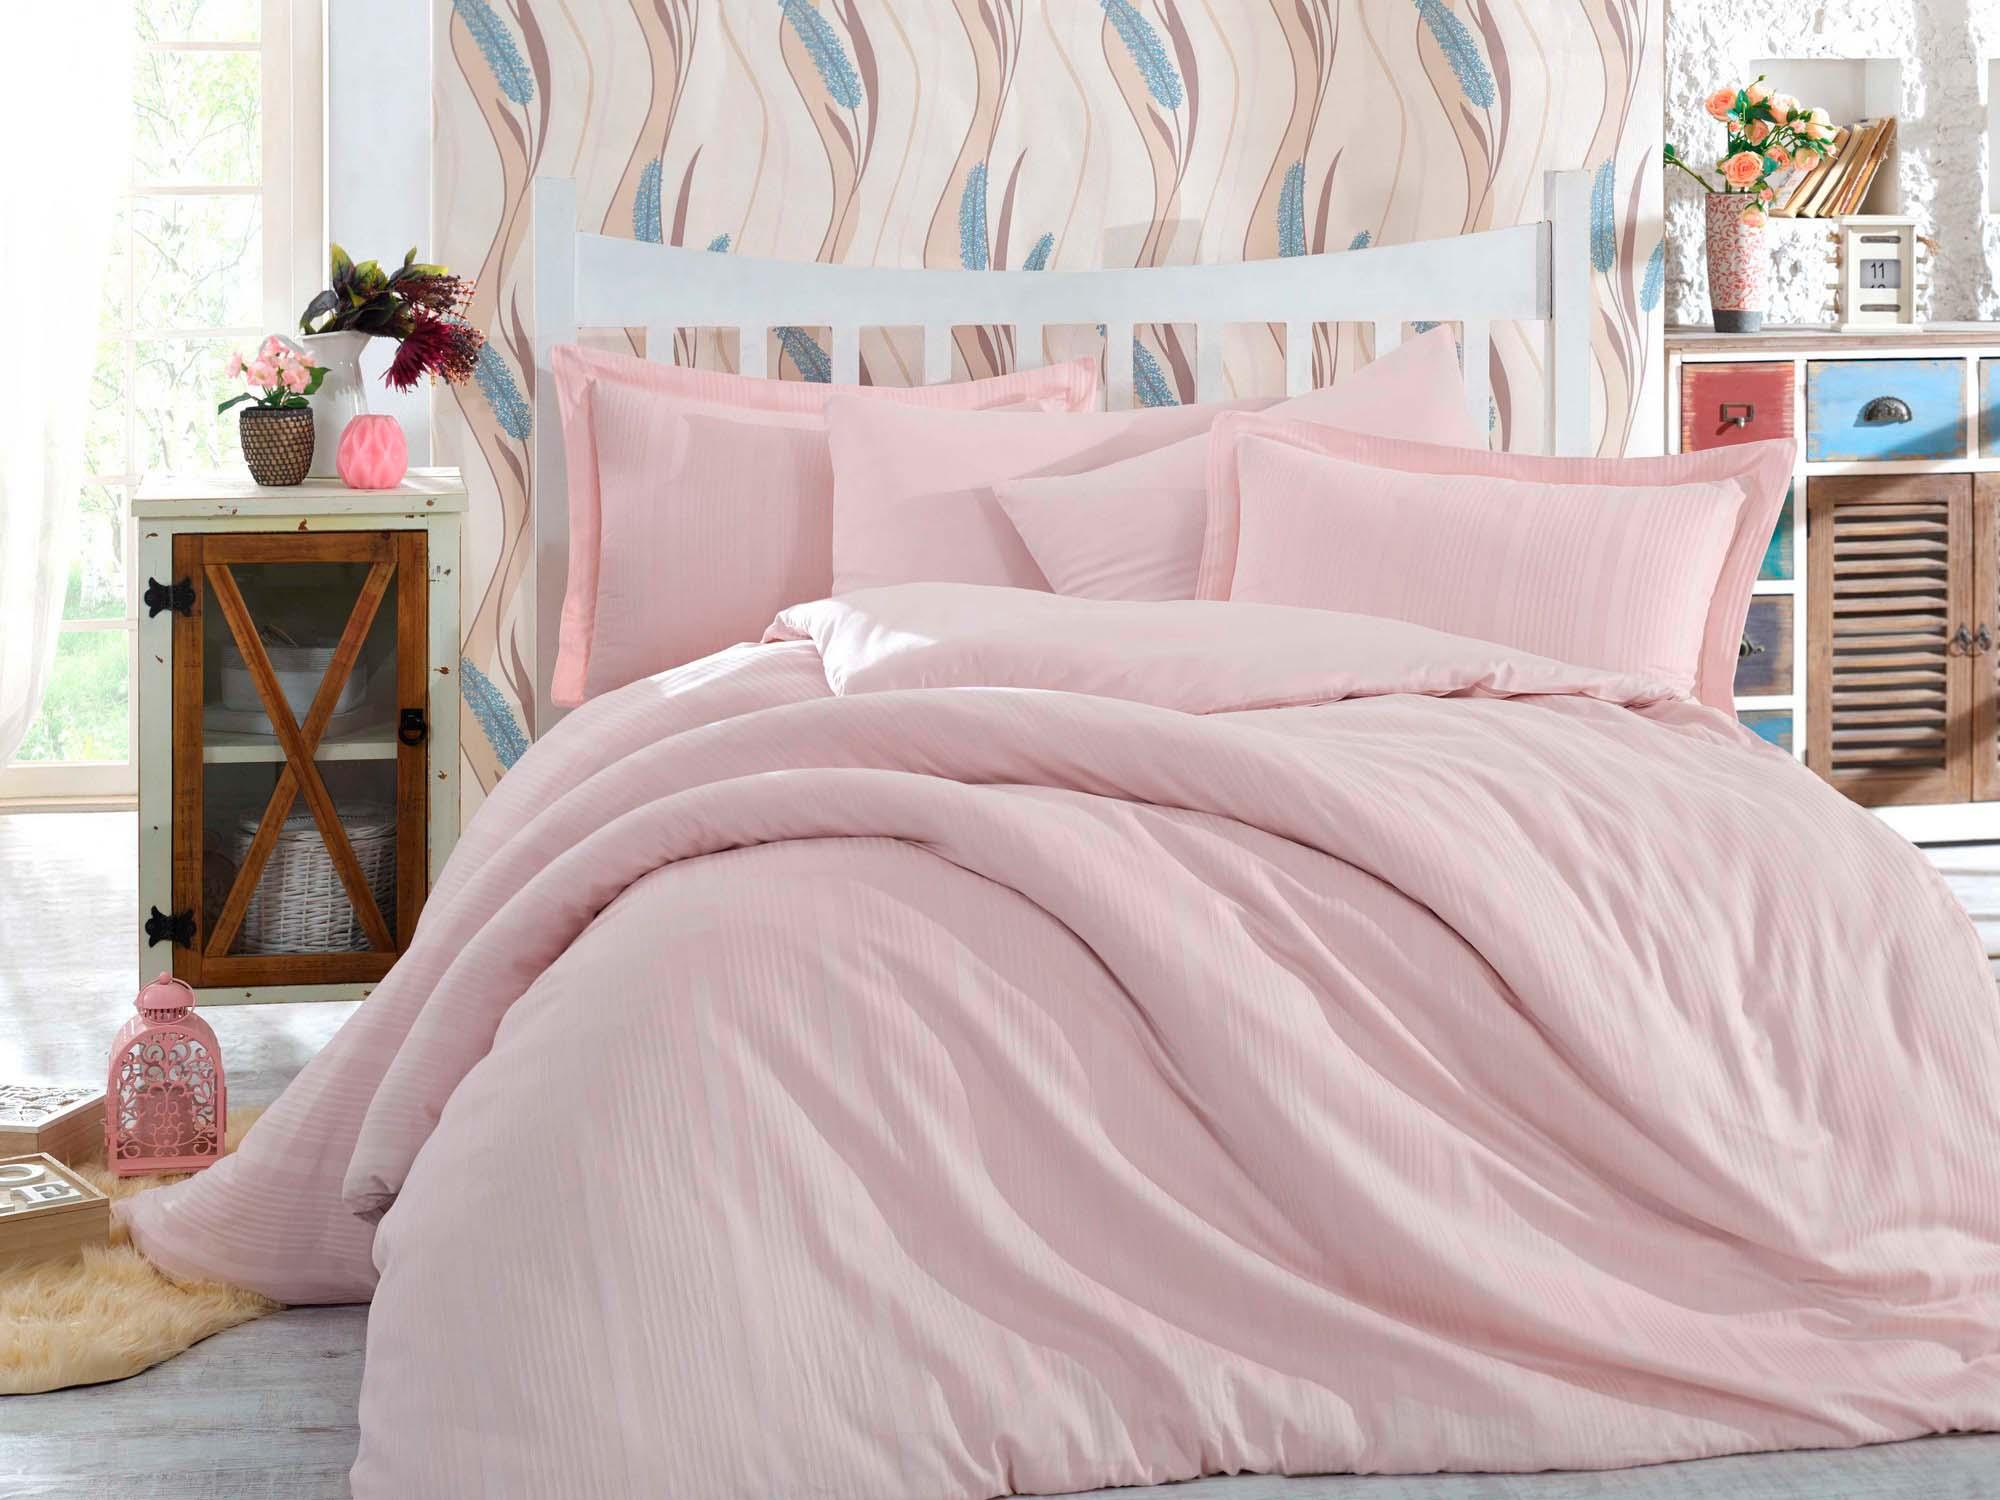 Комплекты постельного белья HOBBY HOME COLLECTION hhc578635